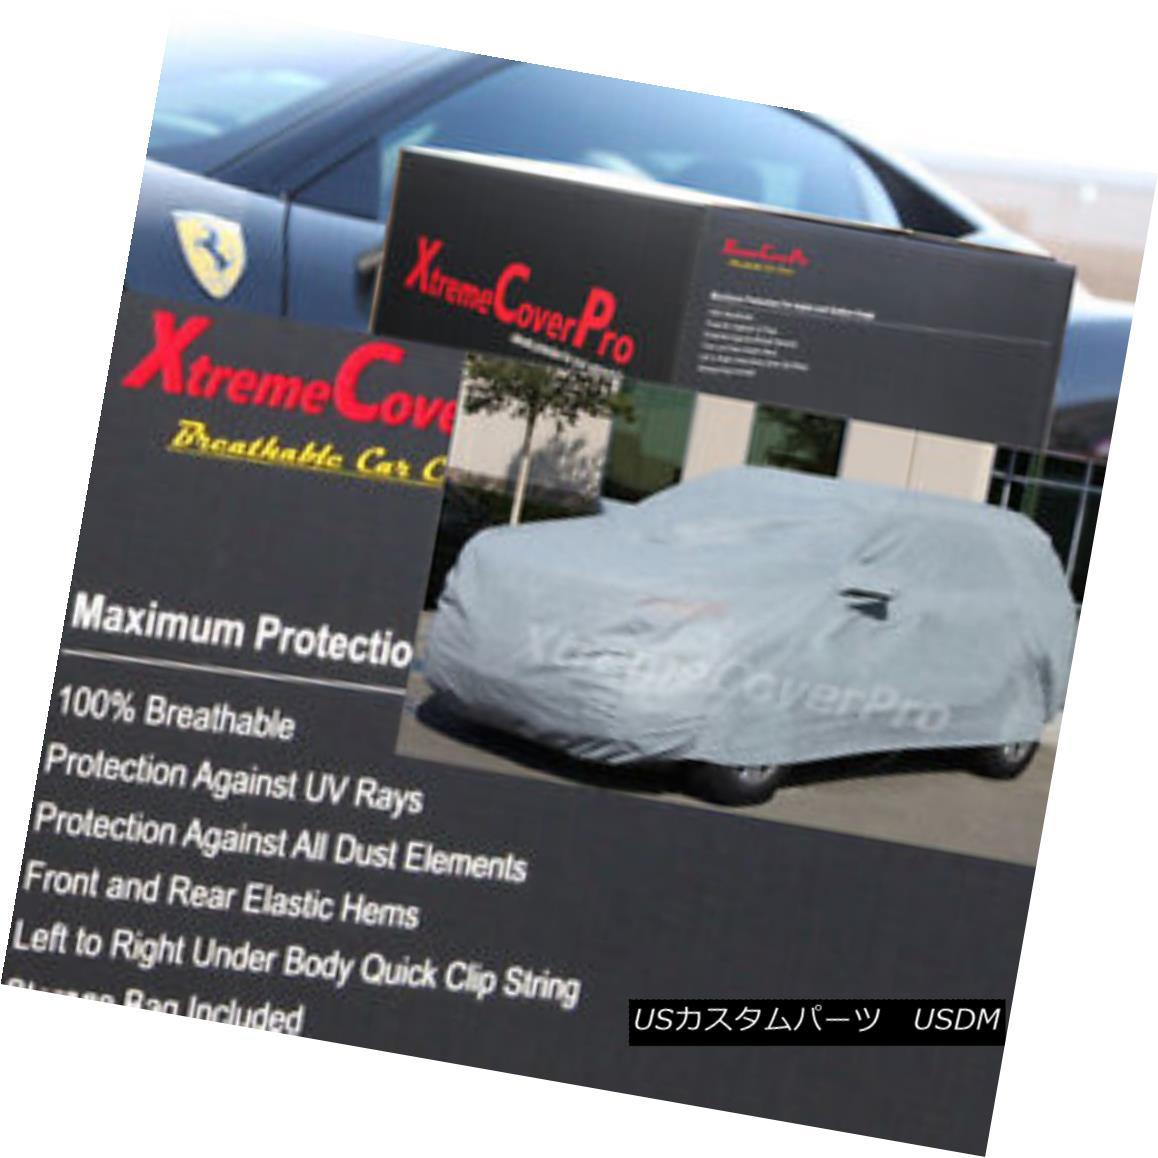 カーカバー 2016 2017 2018 CADILLAC ESCALADE SWB BREATHABLE CAR COVER W/MIRROR POCKET - GREY 2016 2017 2018 CADILLAC ESCALADE SWBブレーキキャブ付き/ミラーポケット - グレー